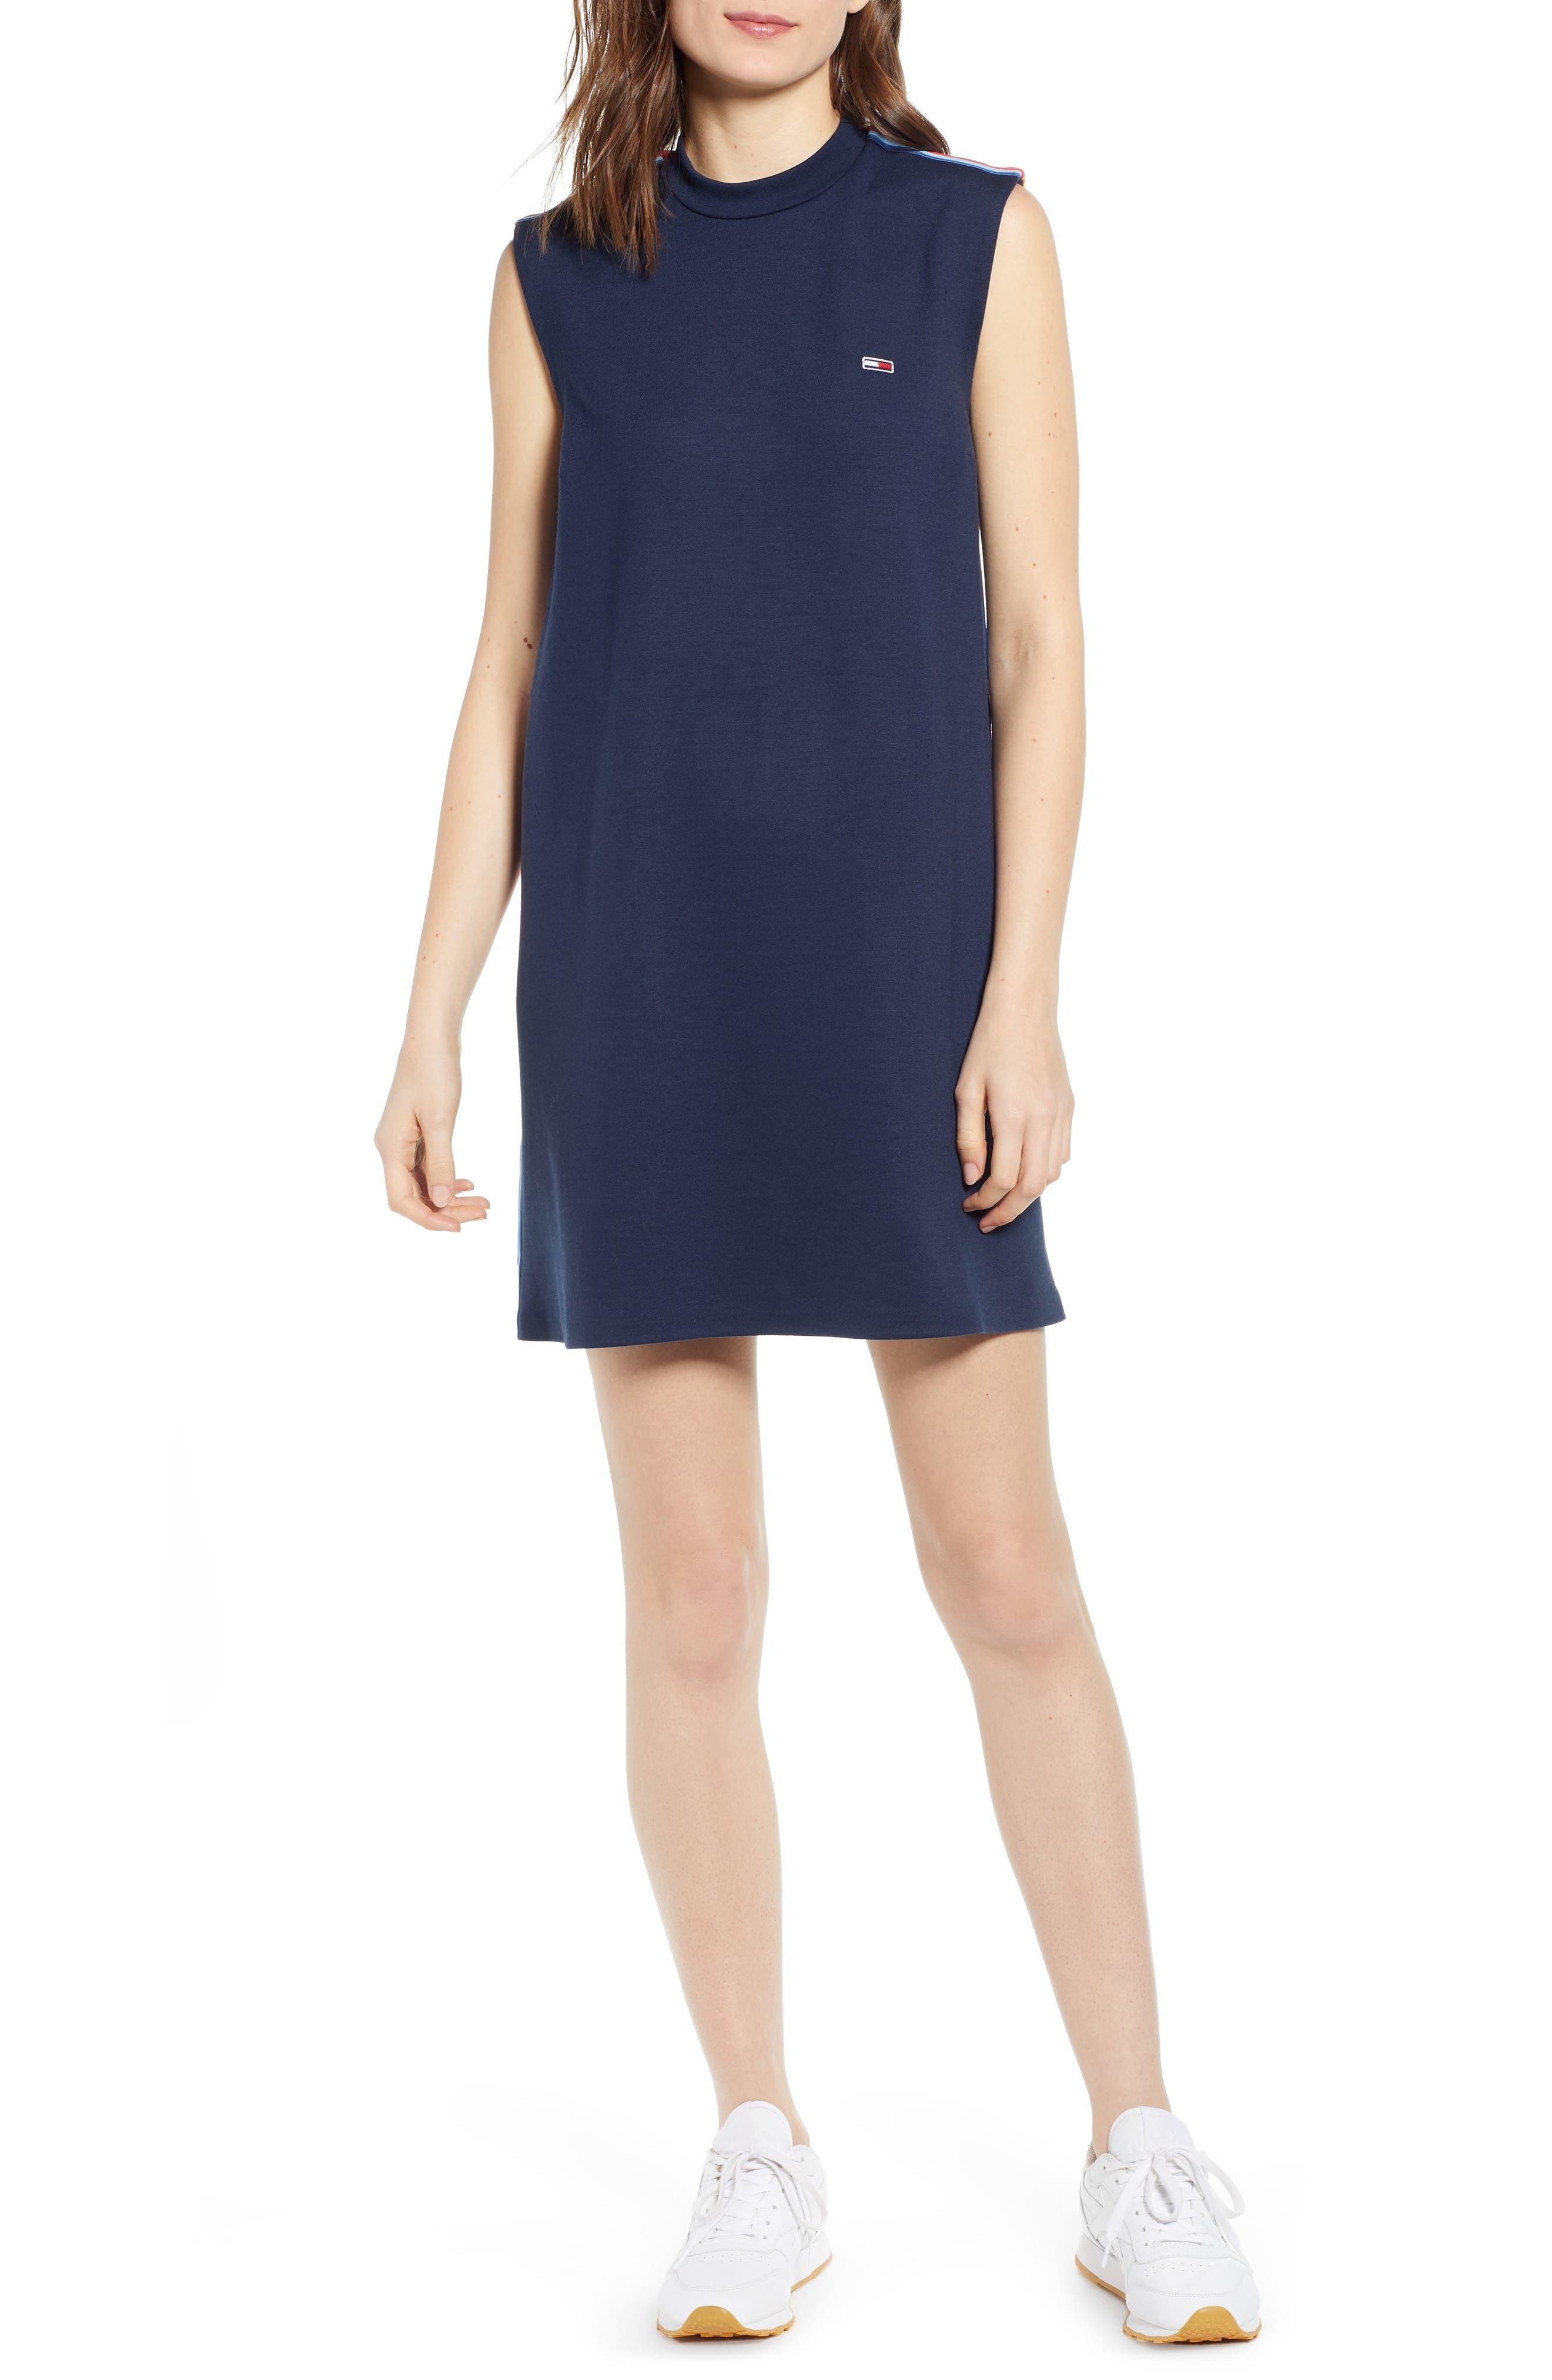 Tommy Jeans Tjw Side Tape Tank Dress, Blue